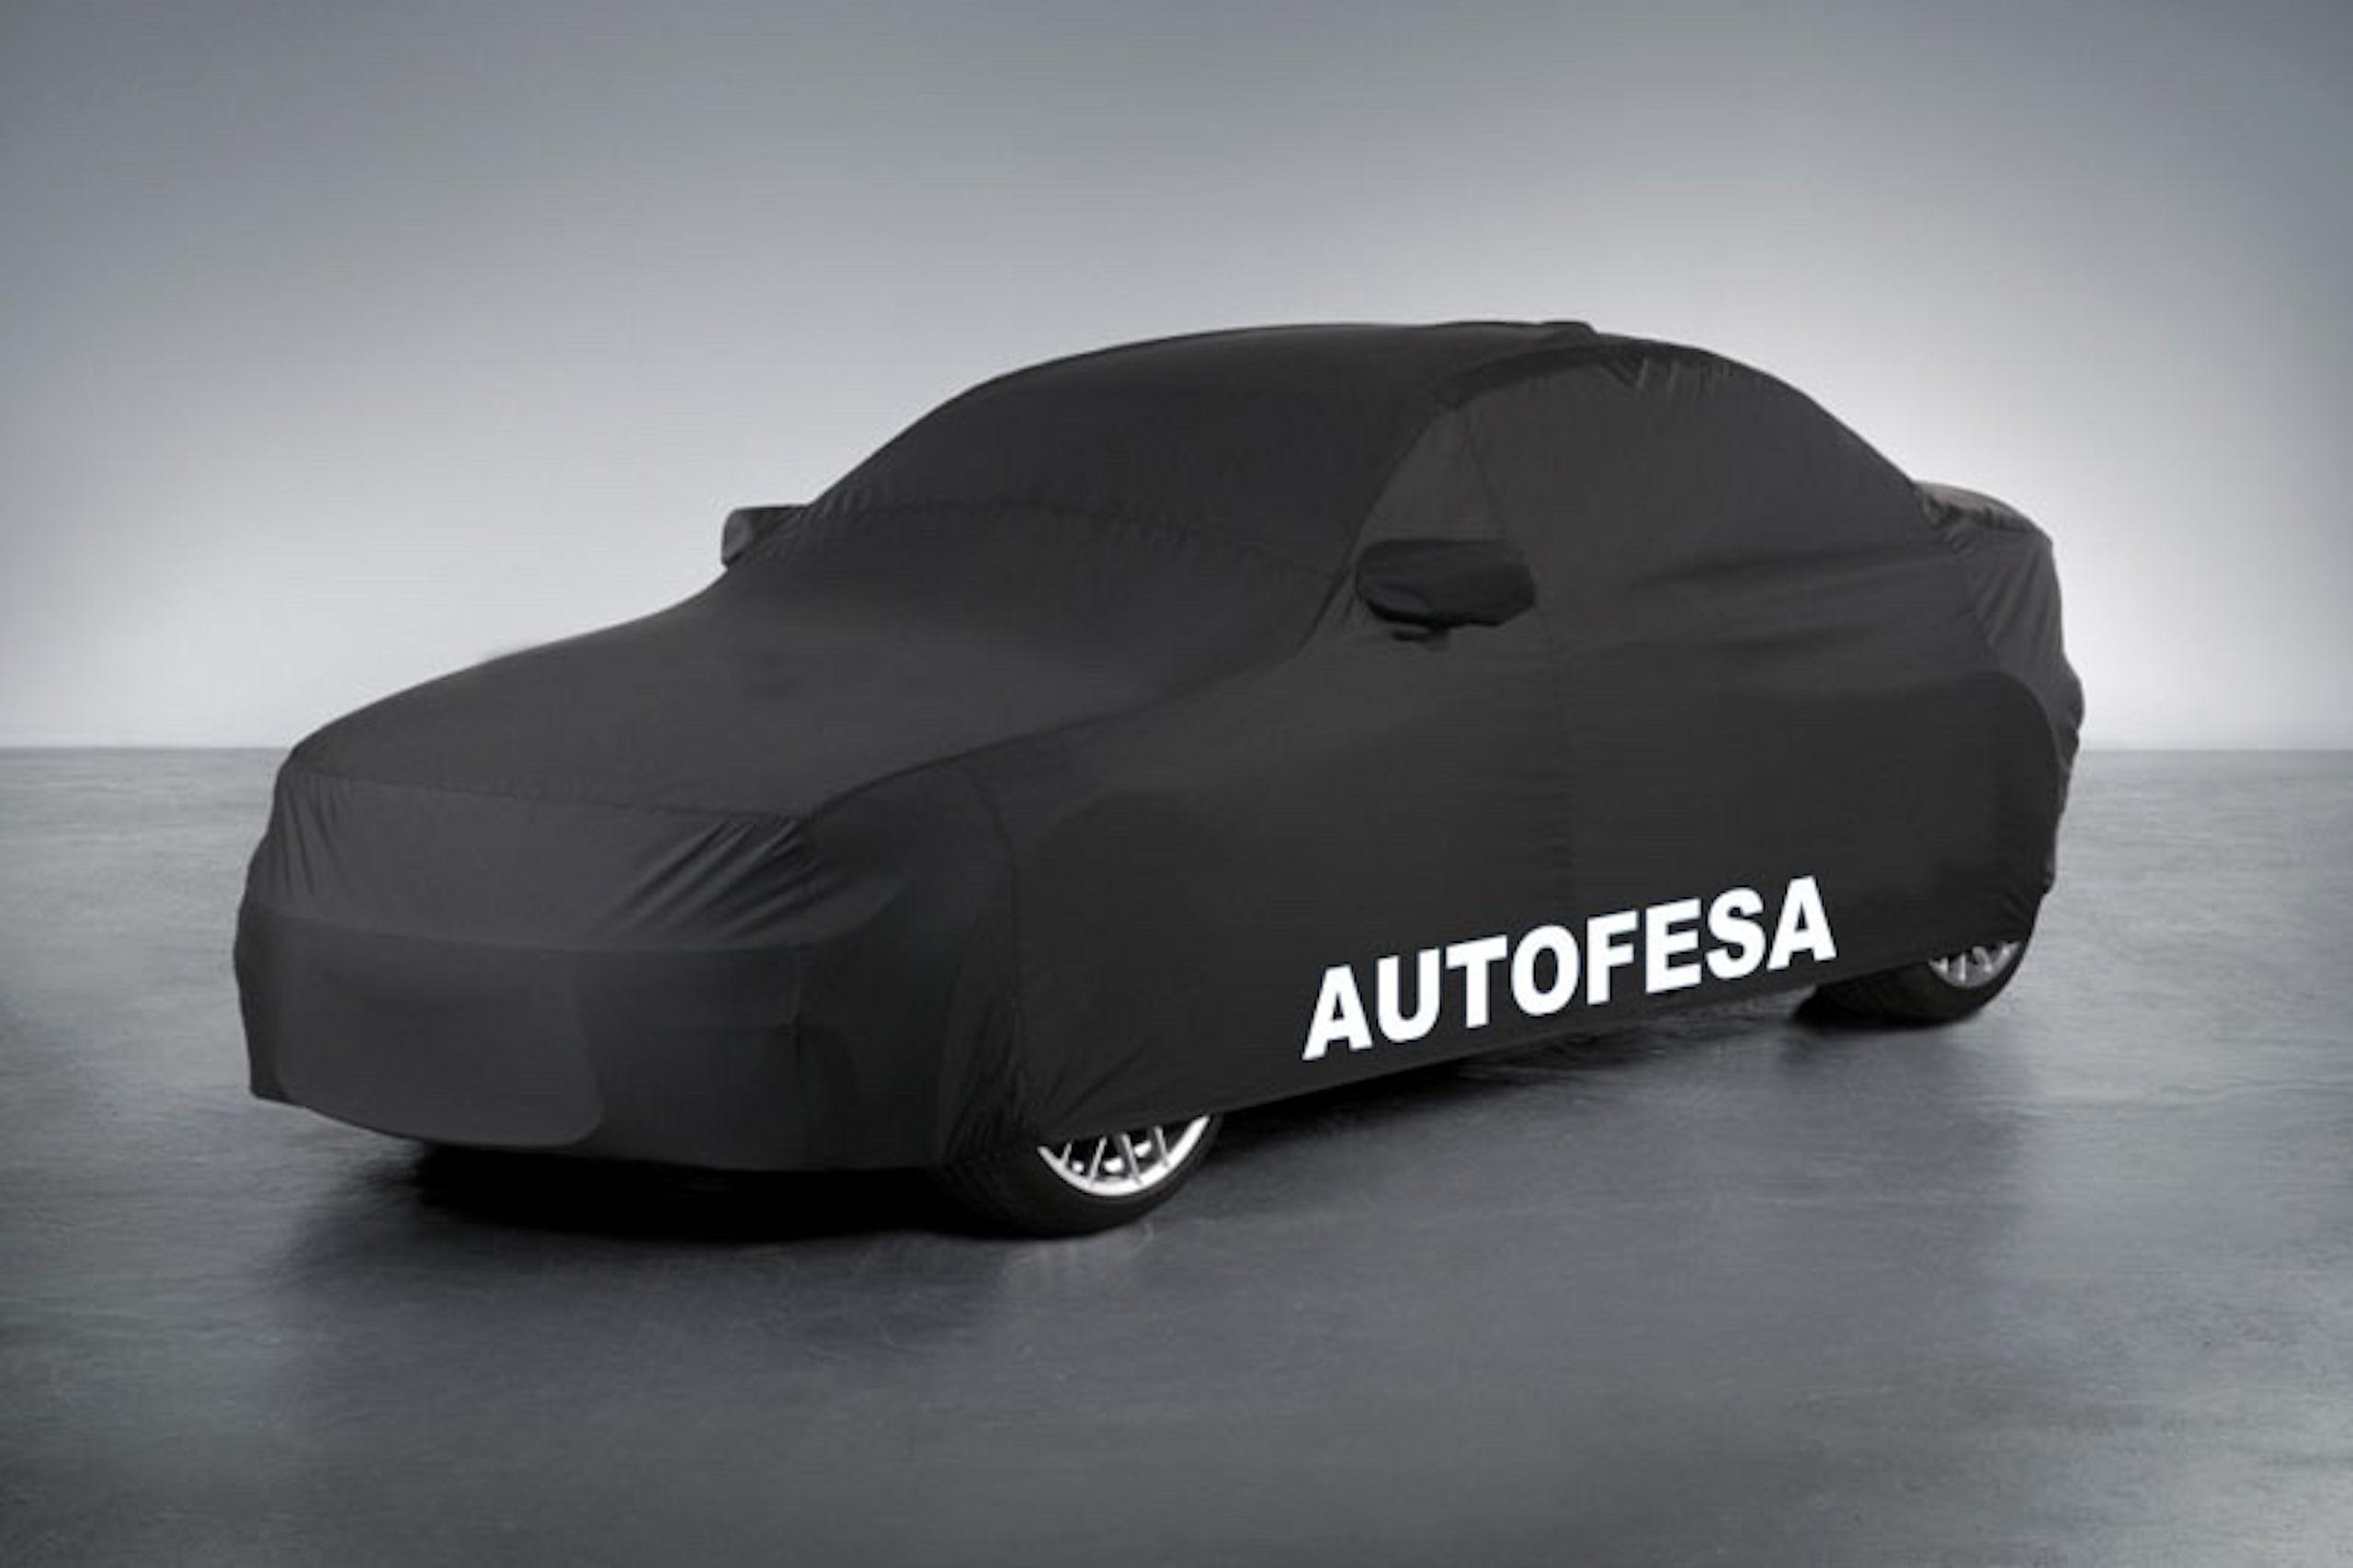 Audi A6 3.0 TDI AVANT 272cv quattro 4p S tronic Auto S/S - Foto 30